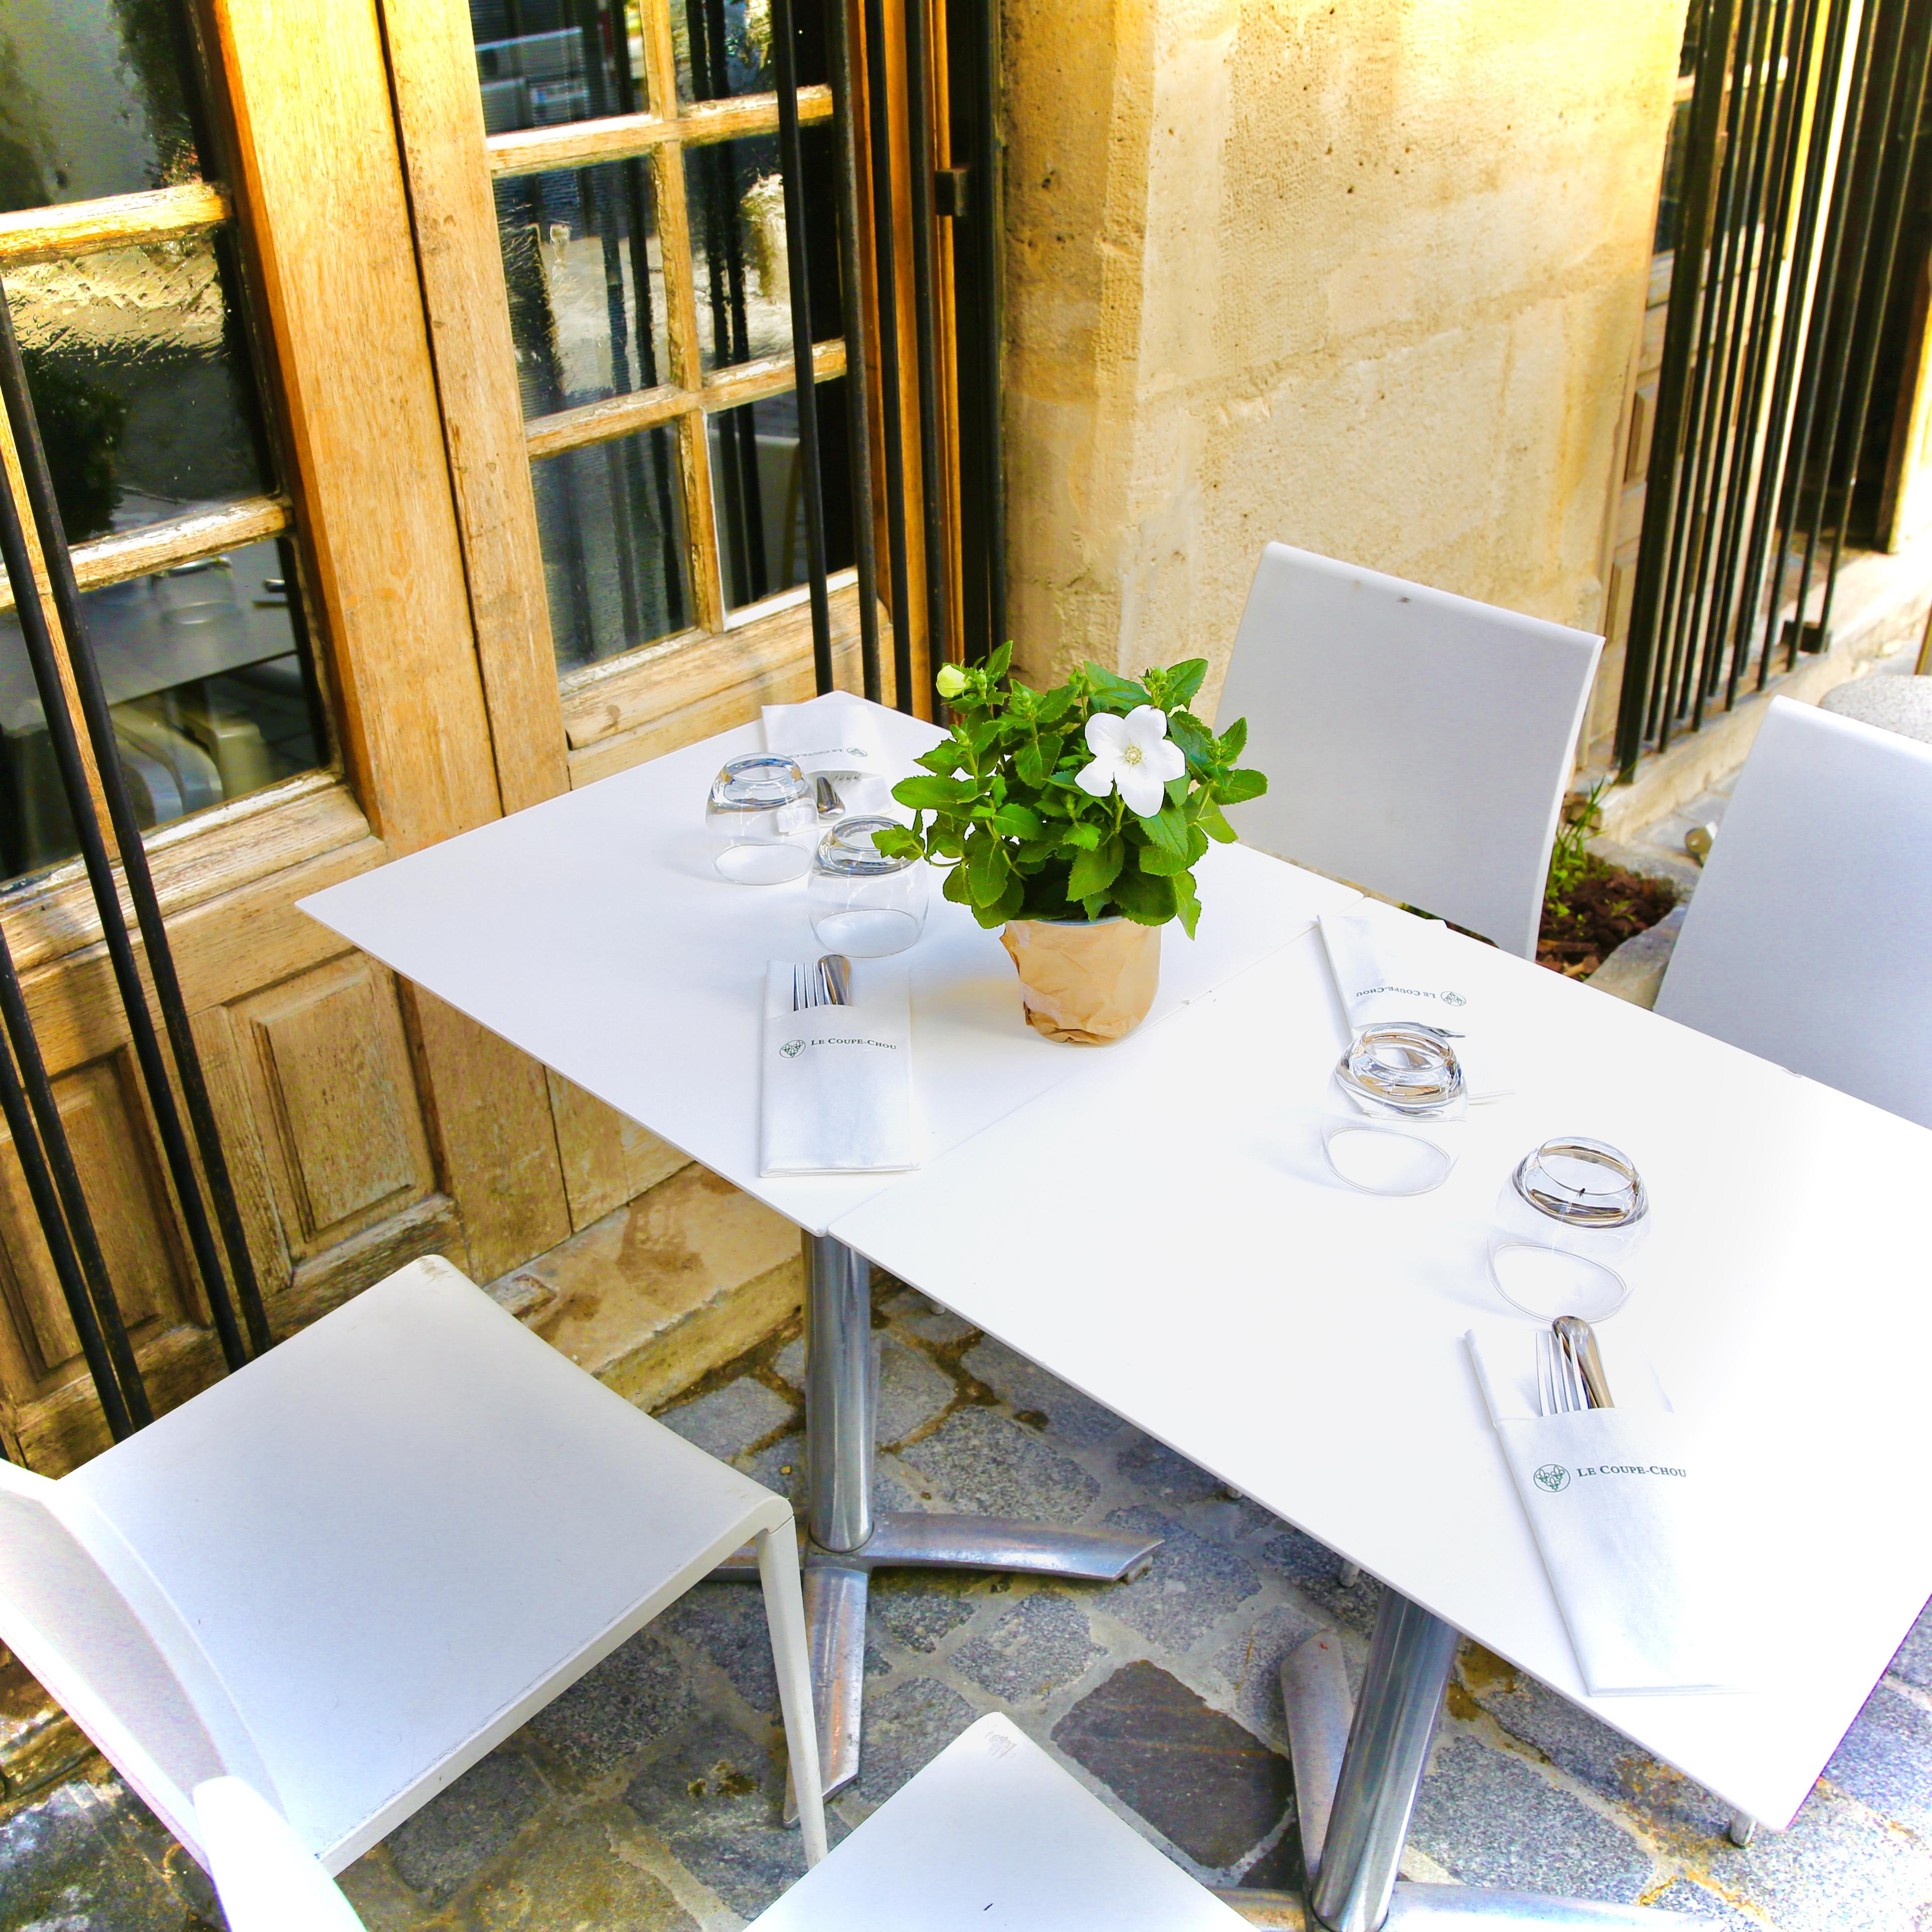 Ресторан с камином - Париж - Феу де буа